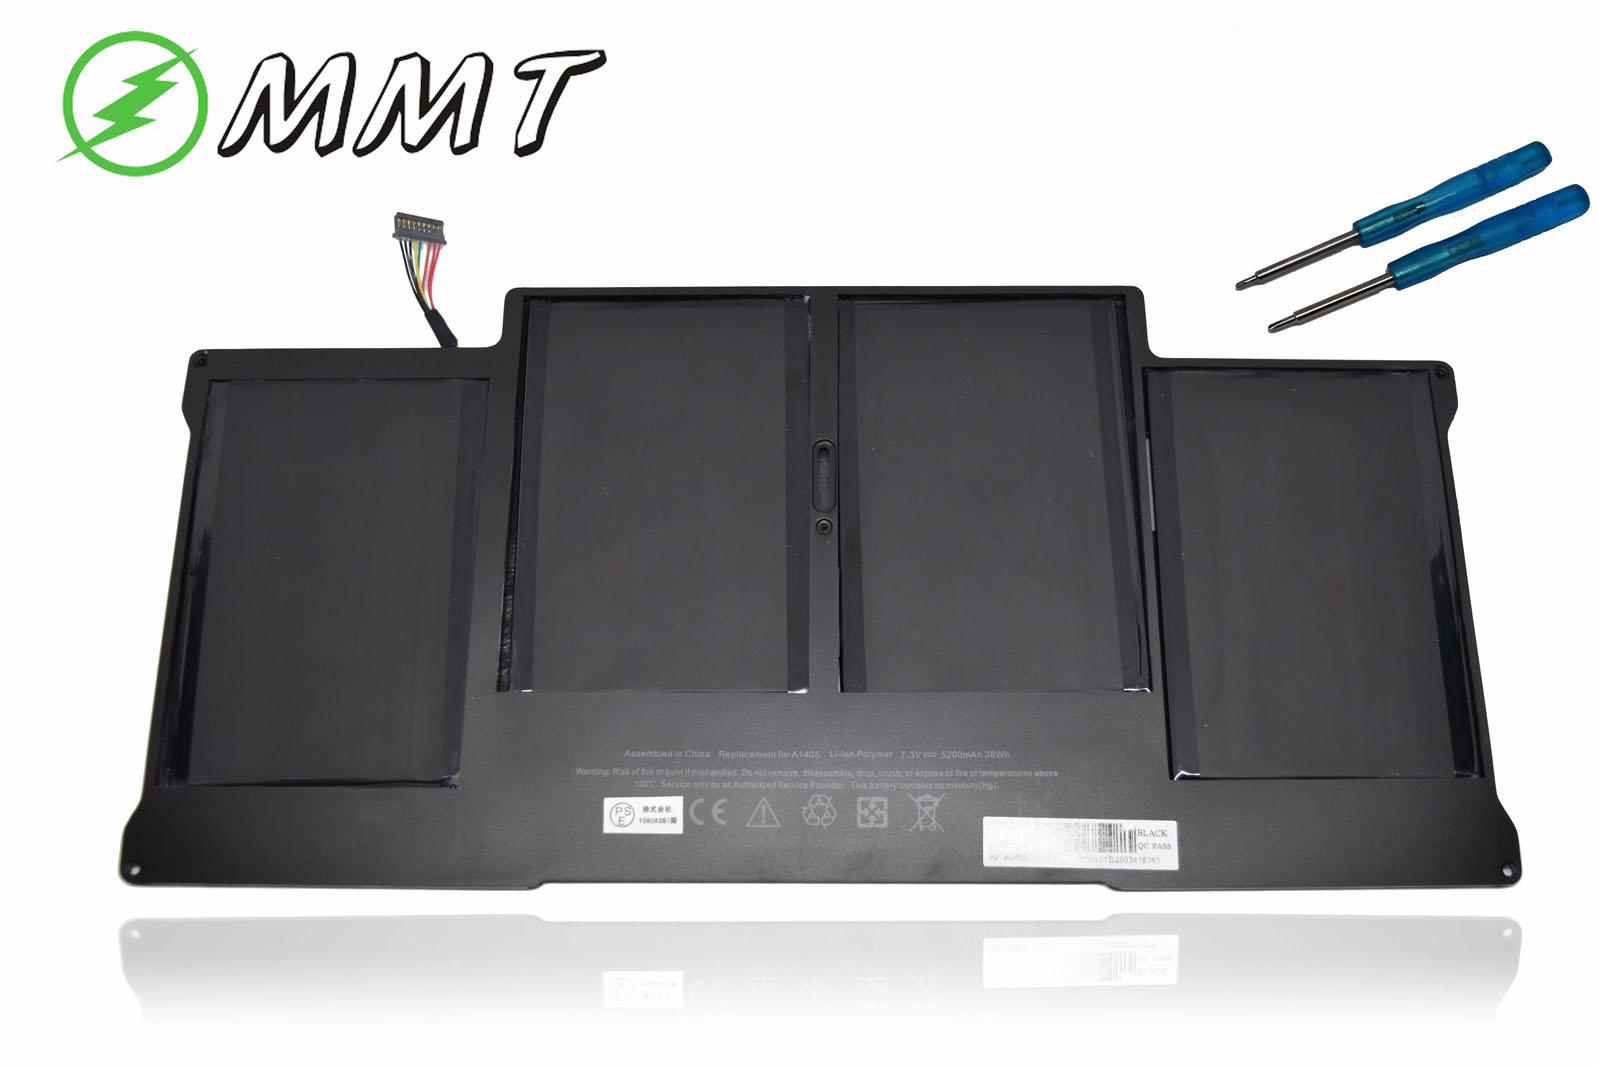 全国送料無料 最安値徹底挑戦 高級品 日本国内向け ブランドセル使用 アップル 新品 APPLE MacBook 商い Air 13 MC503互換 A1377 A1466 A1405 A1369 バッテリー Inch 対応 MC504J